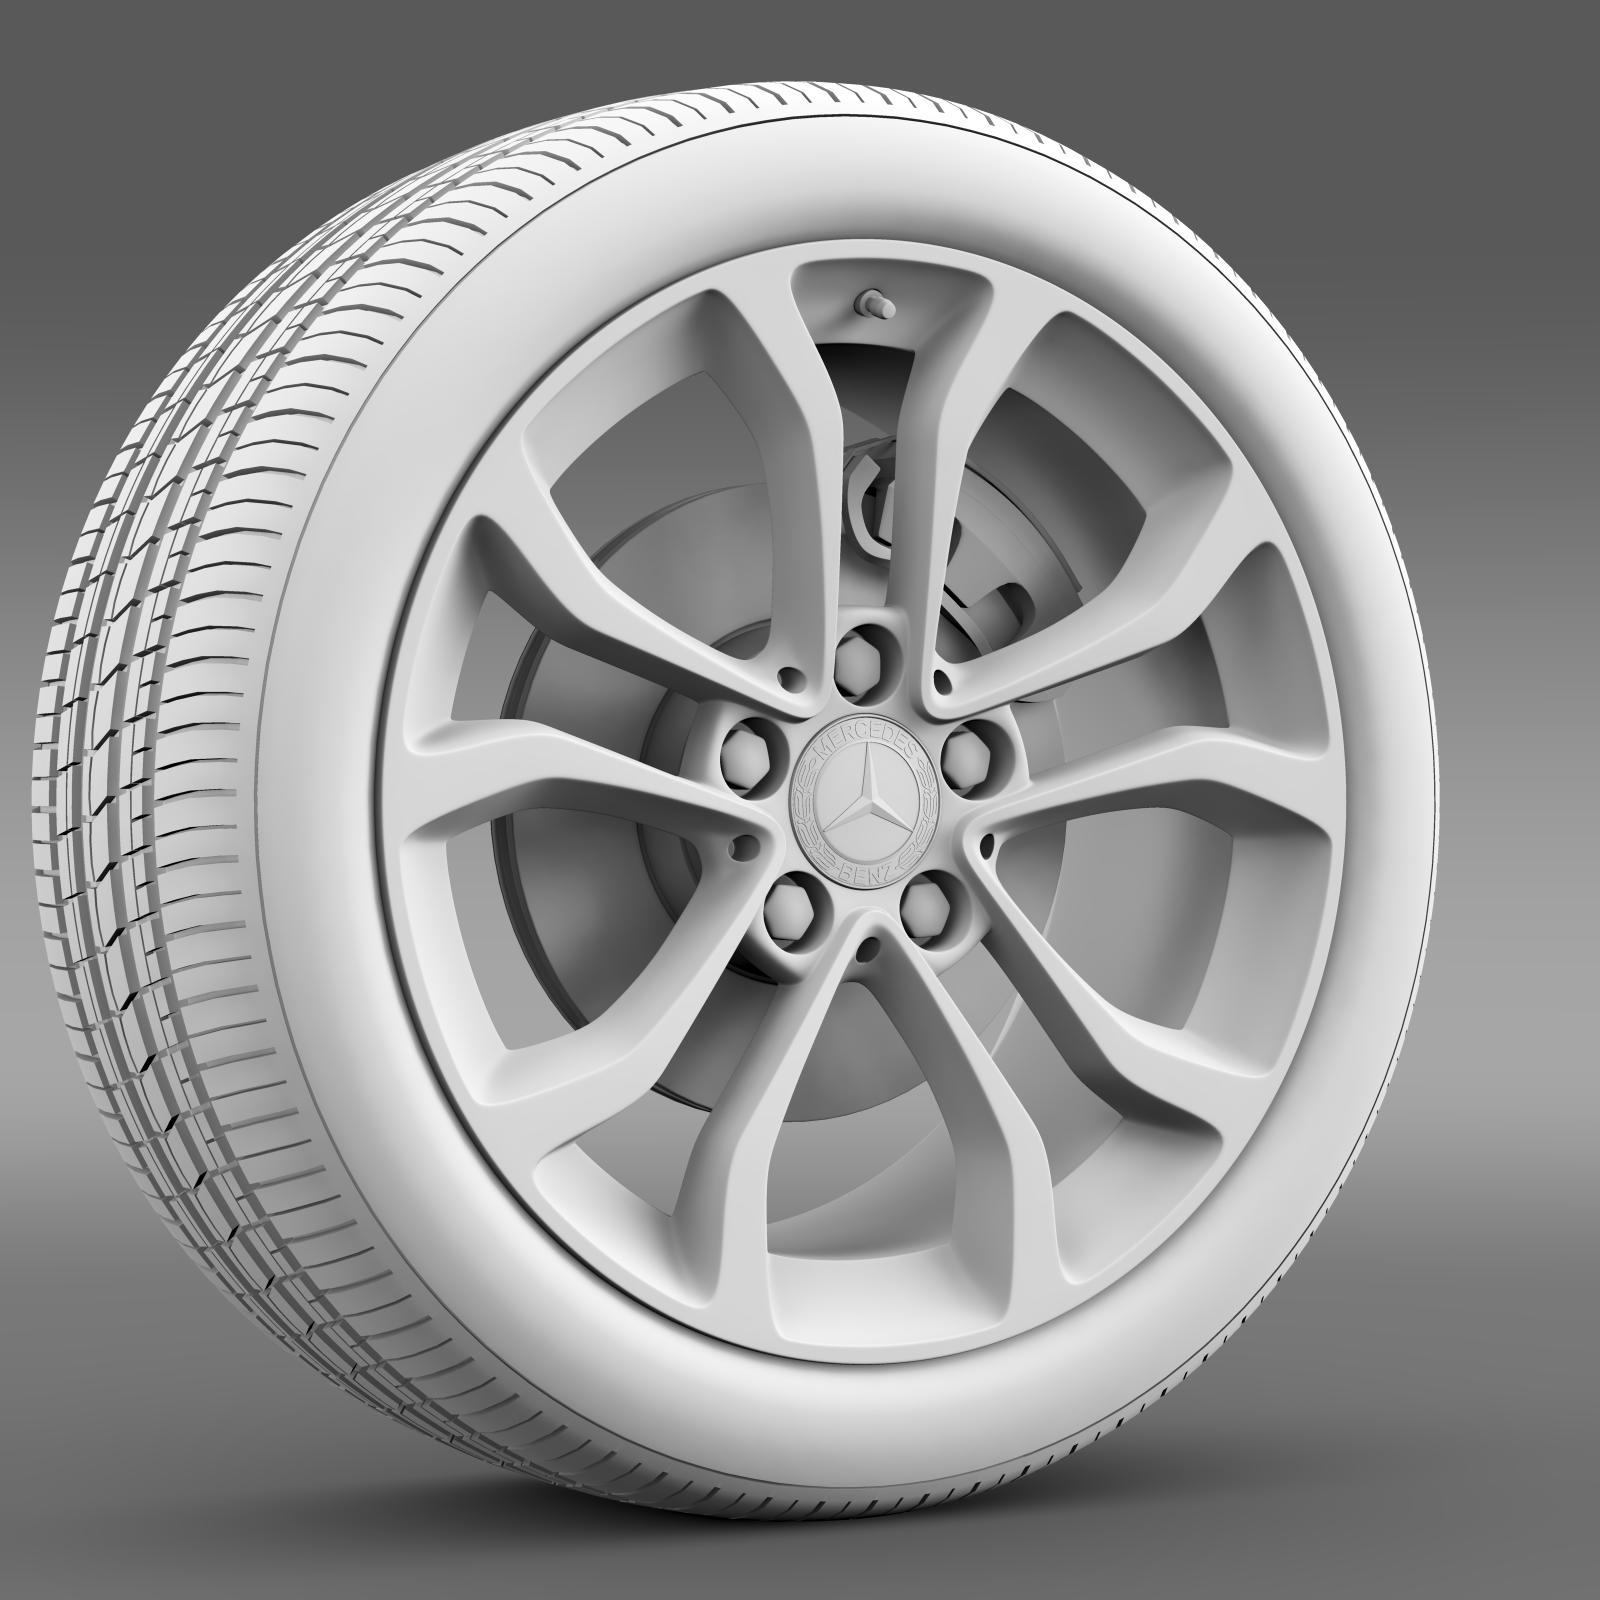 mercedes benz c 220 wheel 3d model 3ds max fbx c4d lwo ma mb hrc xsi obj 210764